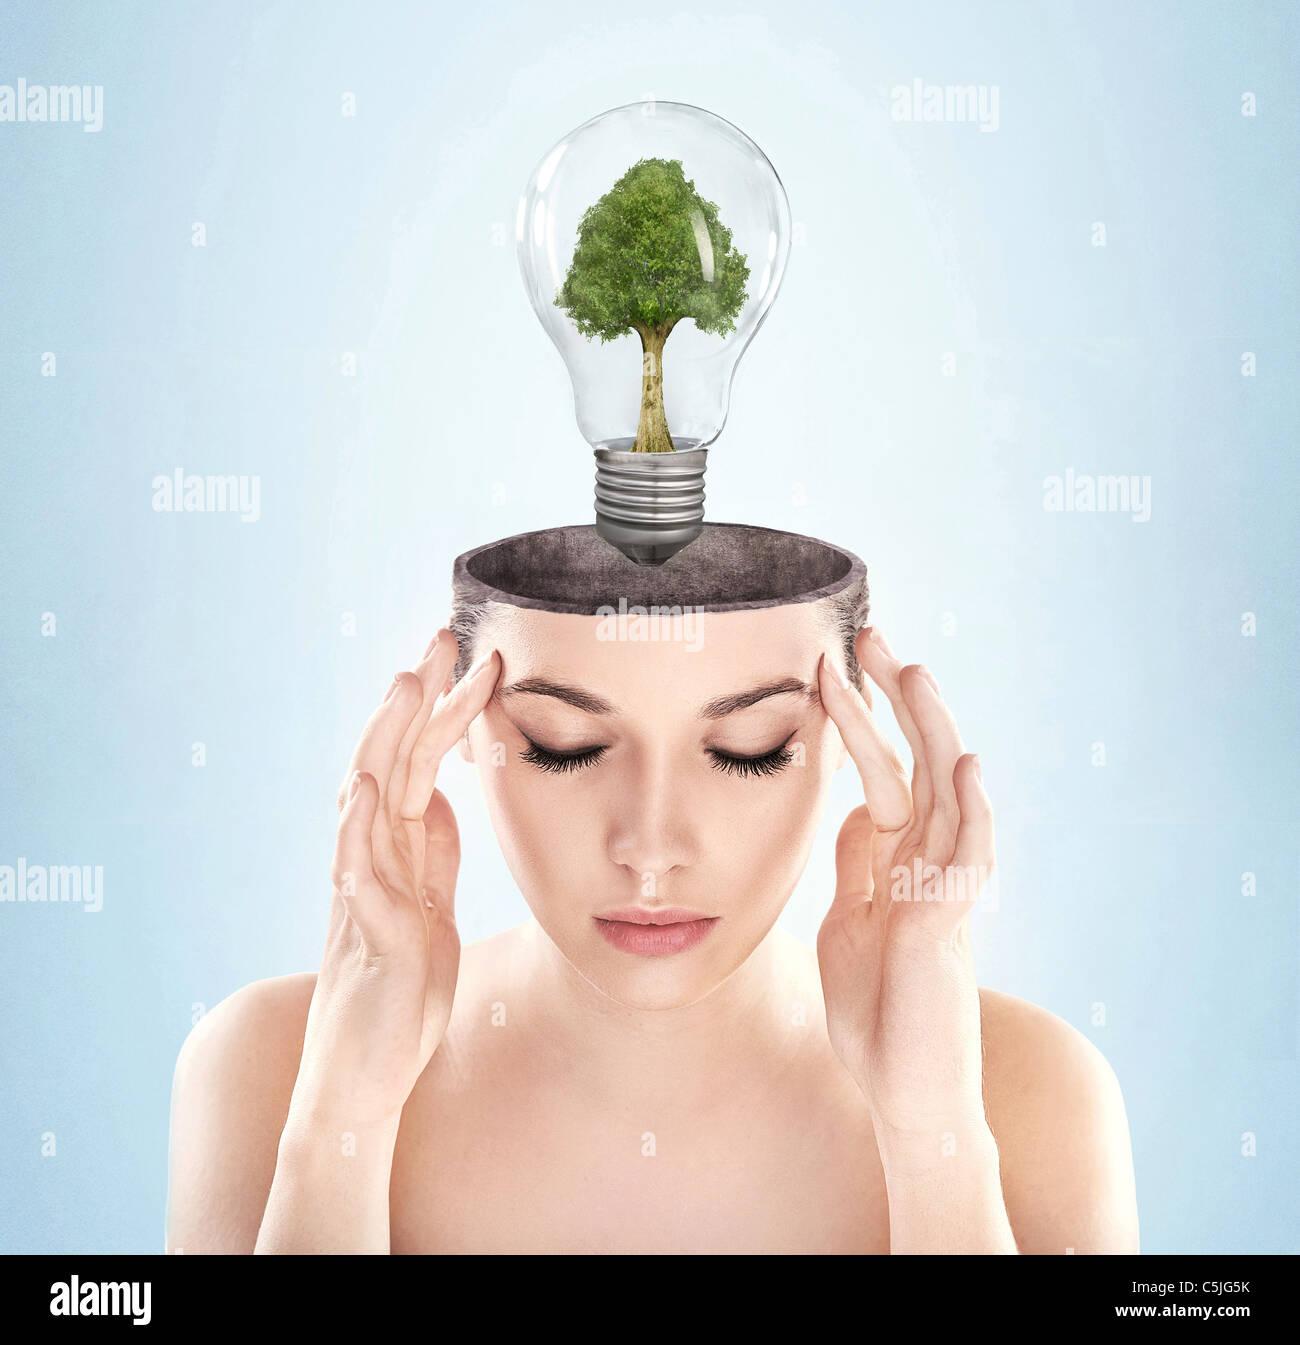 Open minded donna verde con il simbolo di energia Foto Stock